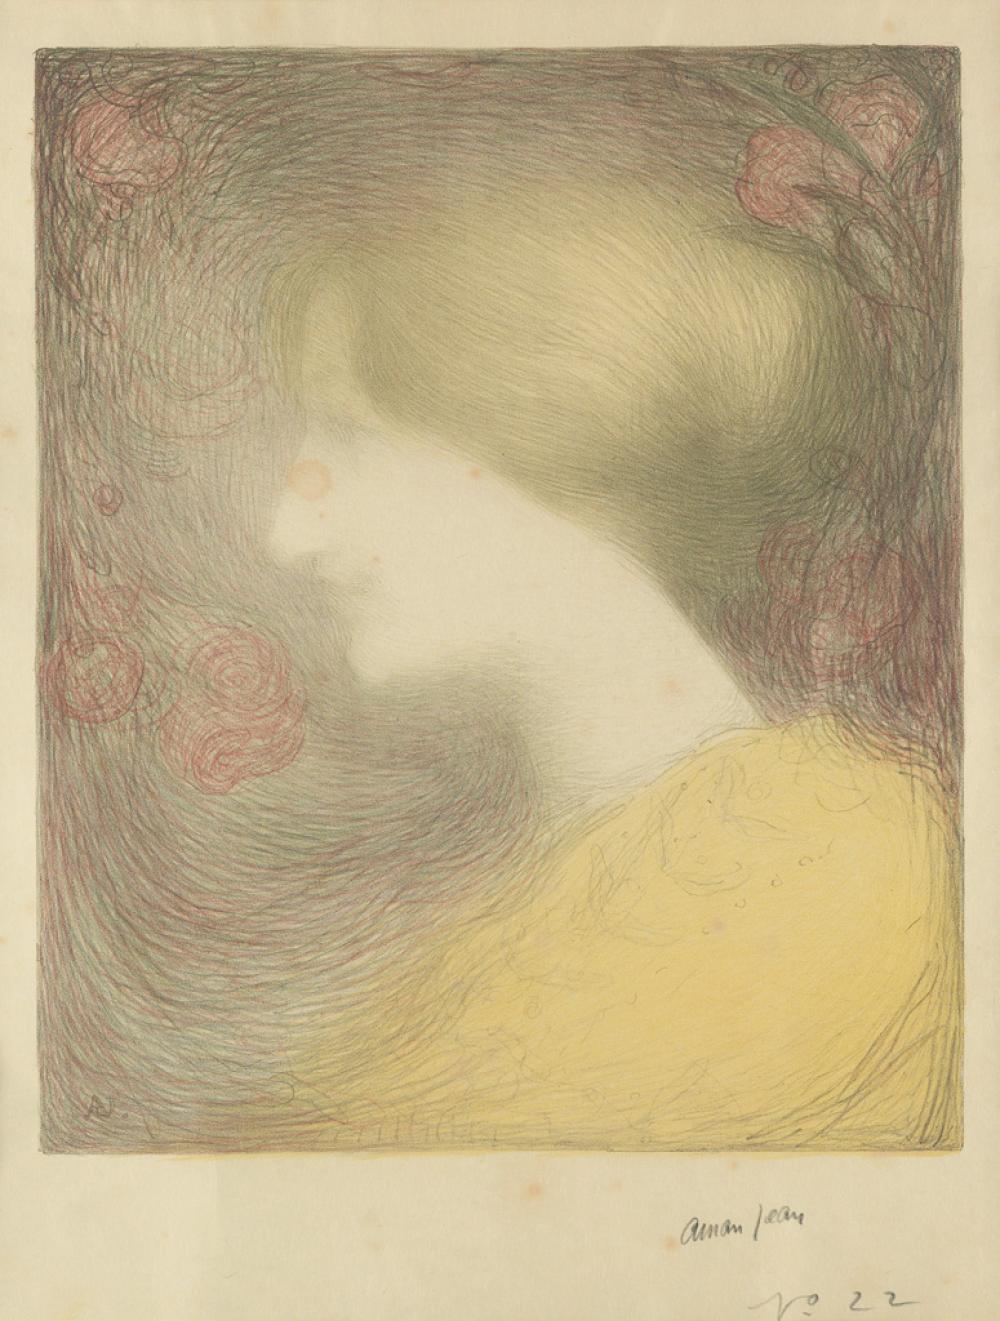 EDMOND FRANÇOIS AMAN-JEAN (1858-1936). [TÊTE DE FEMME, DE PROFIL À GAUCHE.] Lithograph. Circa 1897. 22x16 inches, 56x42 cm.